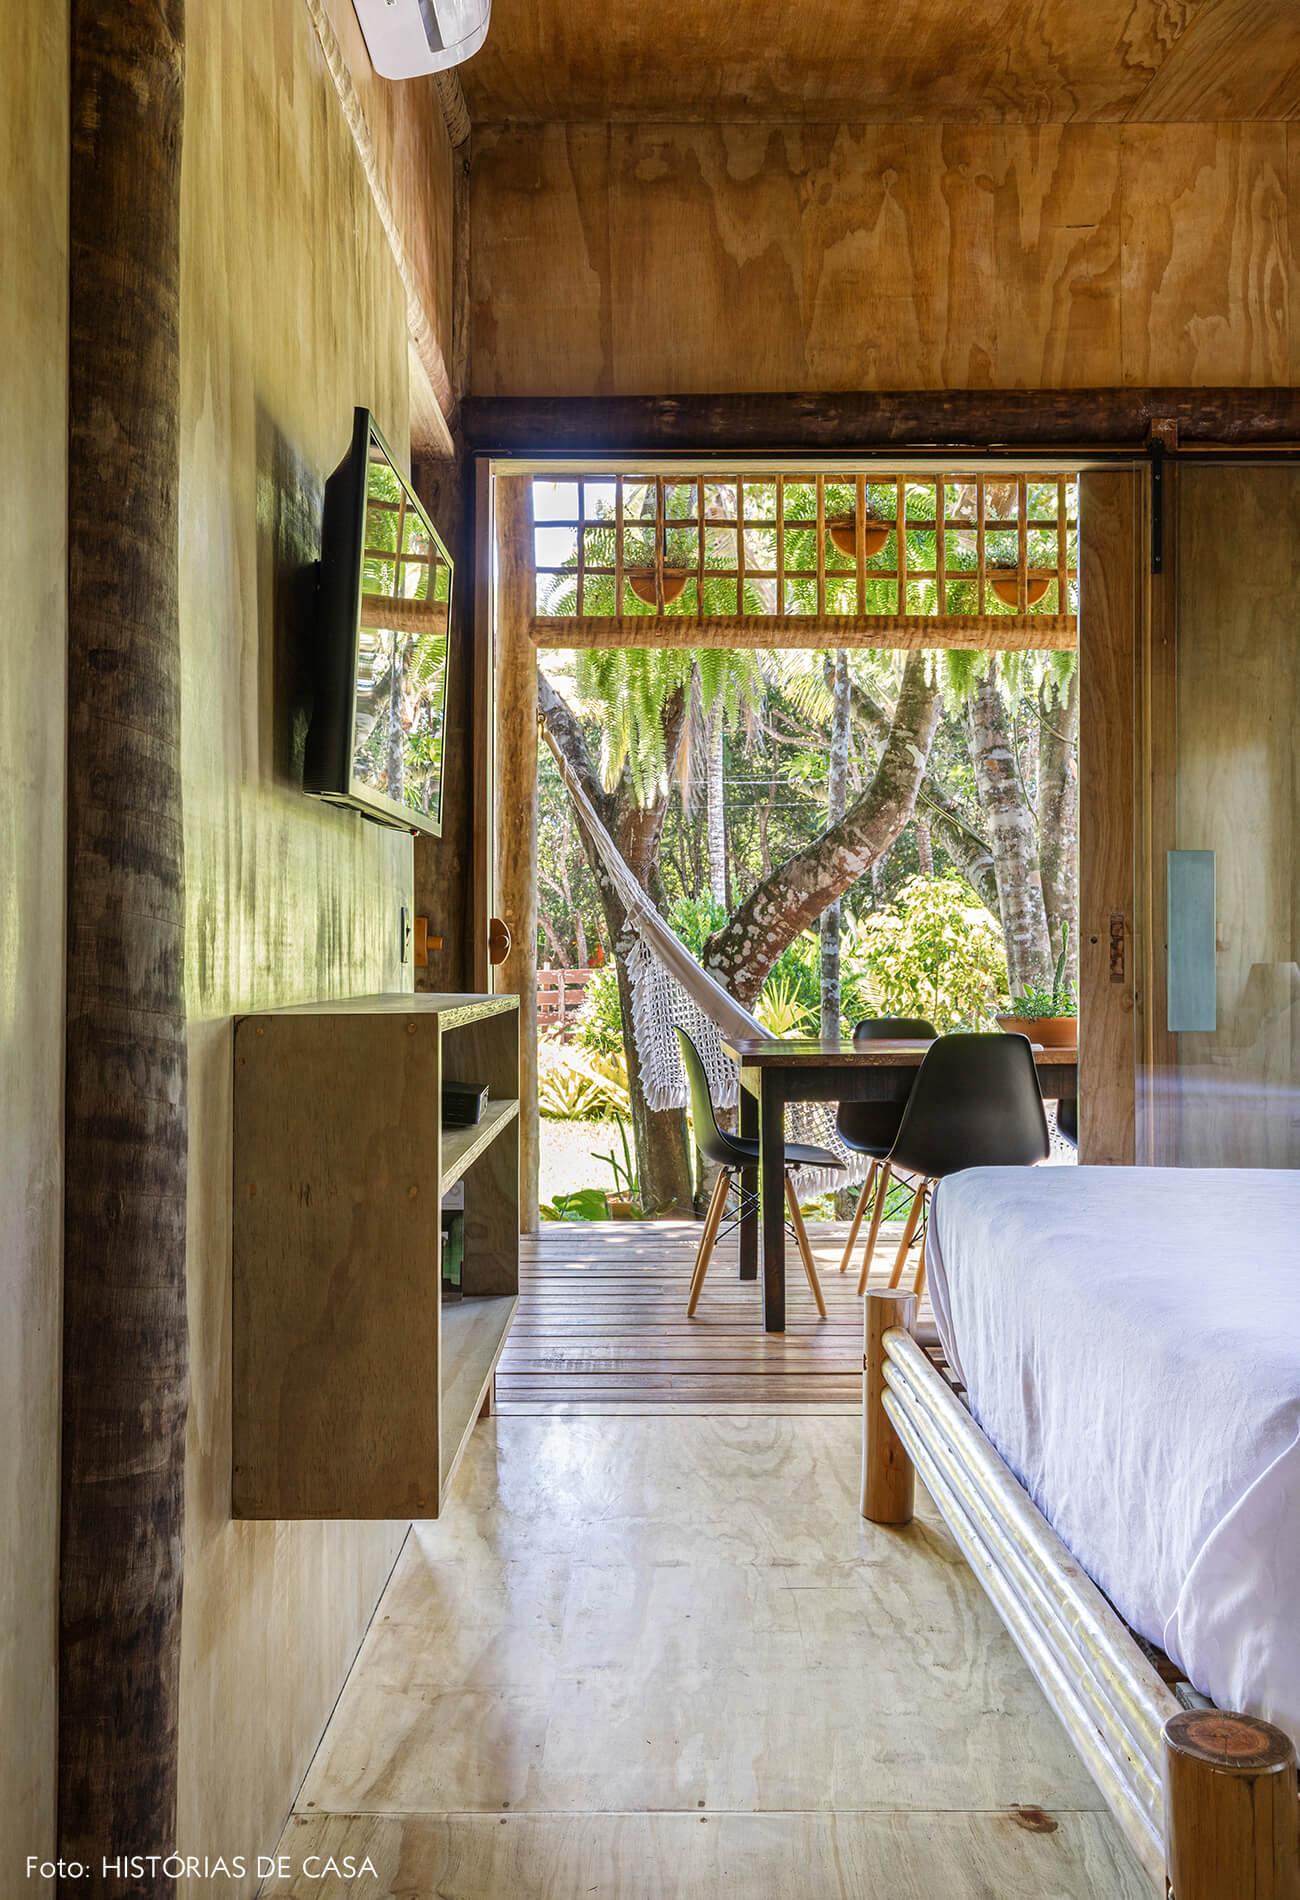 trancoso-decoracao-hotel-villase7e-quarto-varanda-piso-parede-cama-teto-de-madeira-cadeira-eames-preta